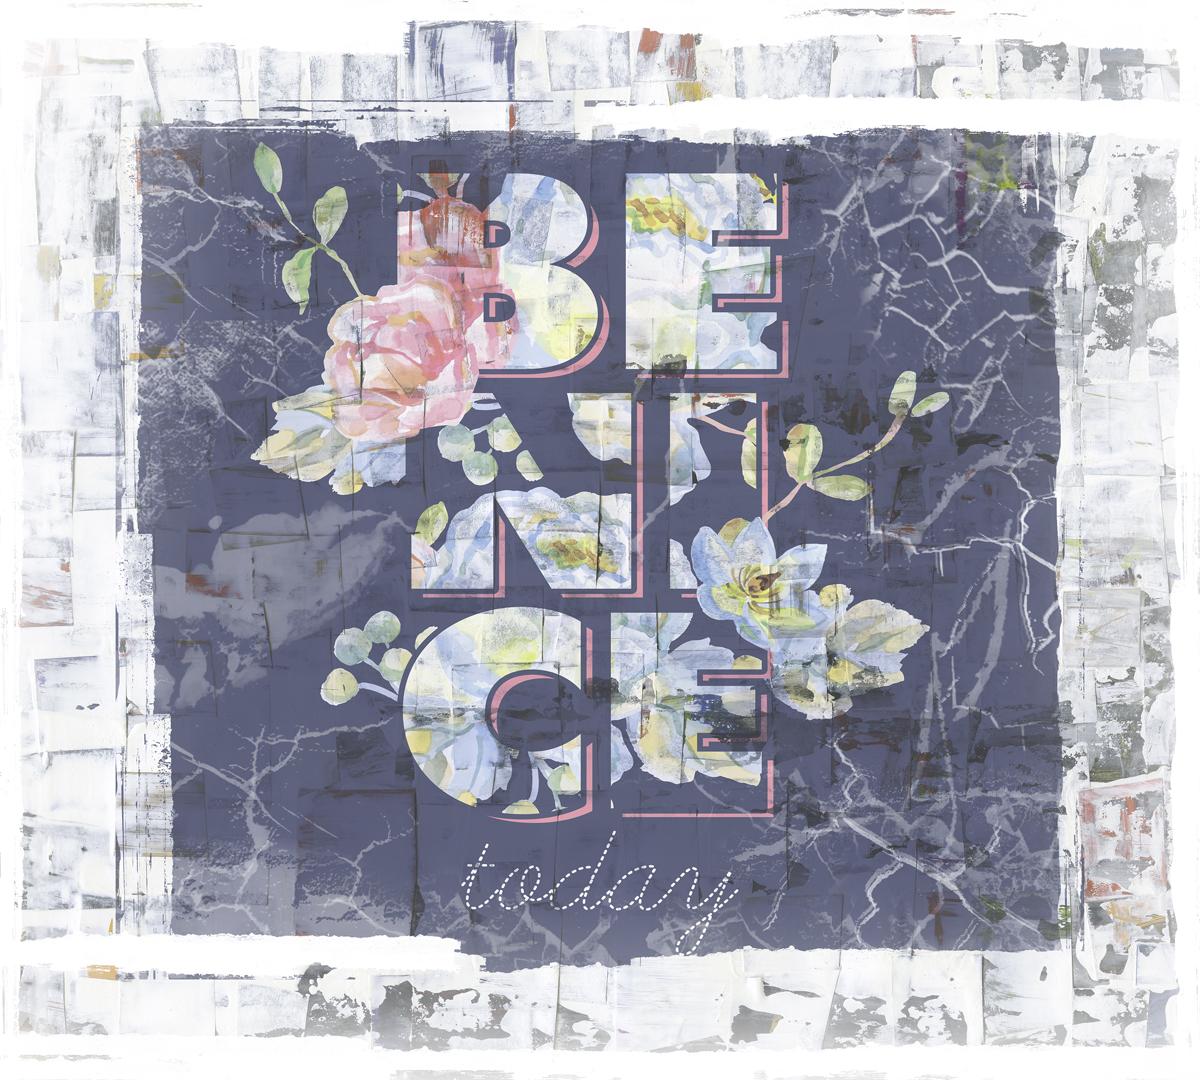 Фотообои Barton Wallpapers Цветы, 300 x 270 см. F19903RG-D31SФотообои Barton Wallpapers позволят создать неповторимый облик помещения, в котором они размещены. Фотообои наносятся на стены тем же способом, что и обычные обои. Рельефная структура основы делает фотообои необычными, неповторимыми, глубокими и манящими.Фотообои снова вошли в нашу жизнь, став модным направлением декорирования интерьера. Выбрав правильную фактуру и сюжет изображения можно добиться невероятного эффекта живого присутствия.